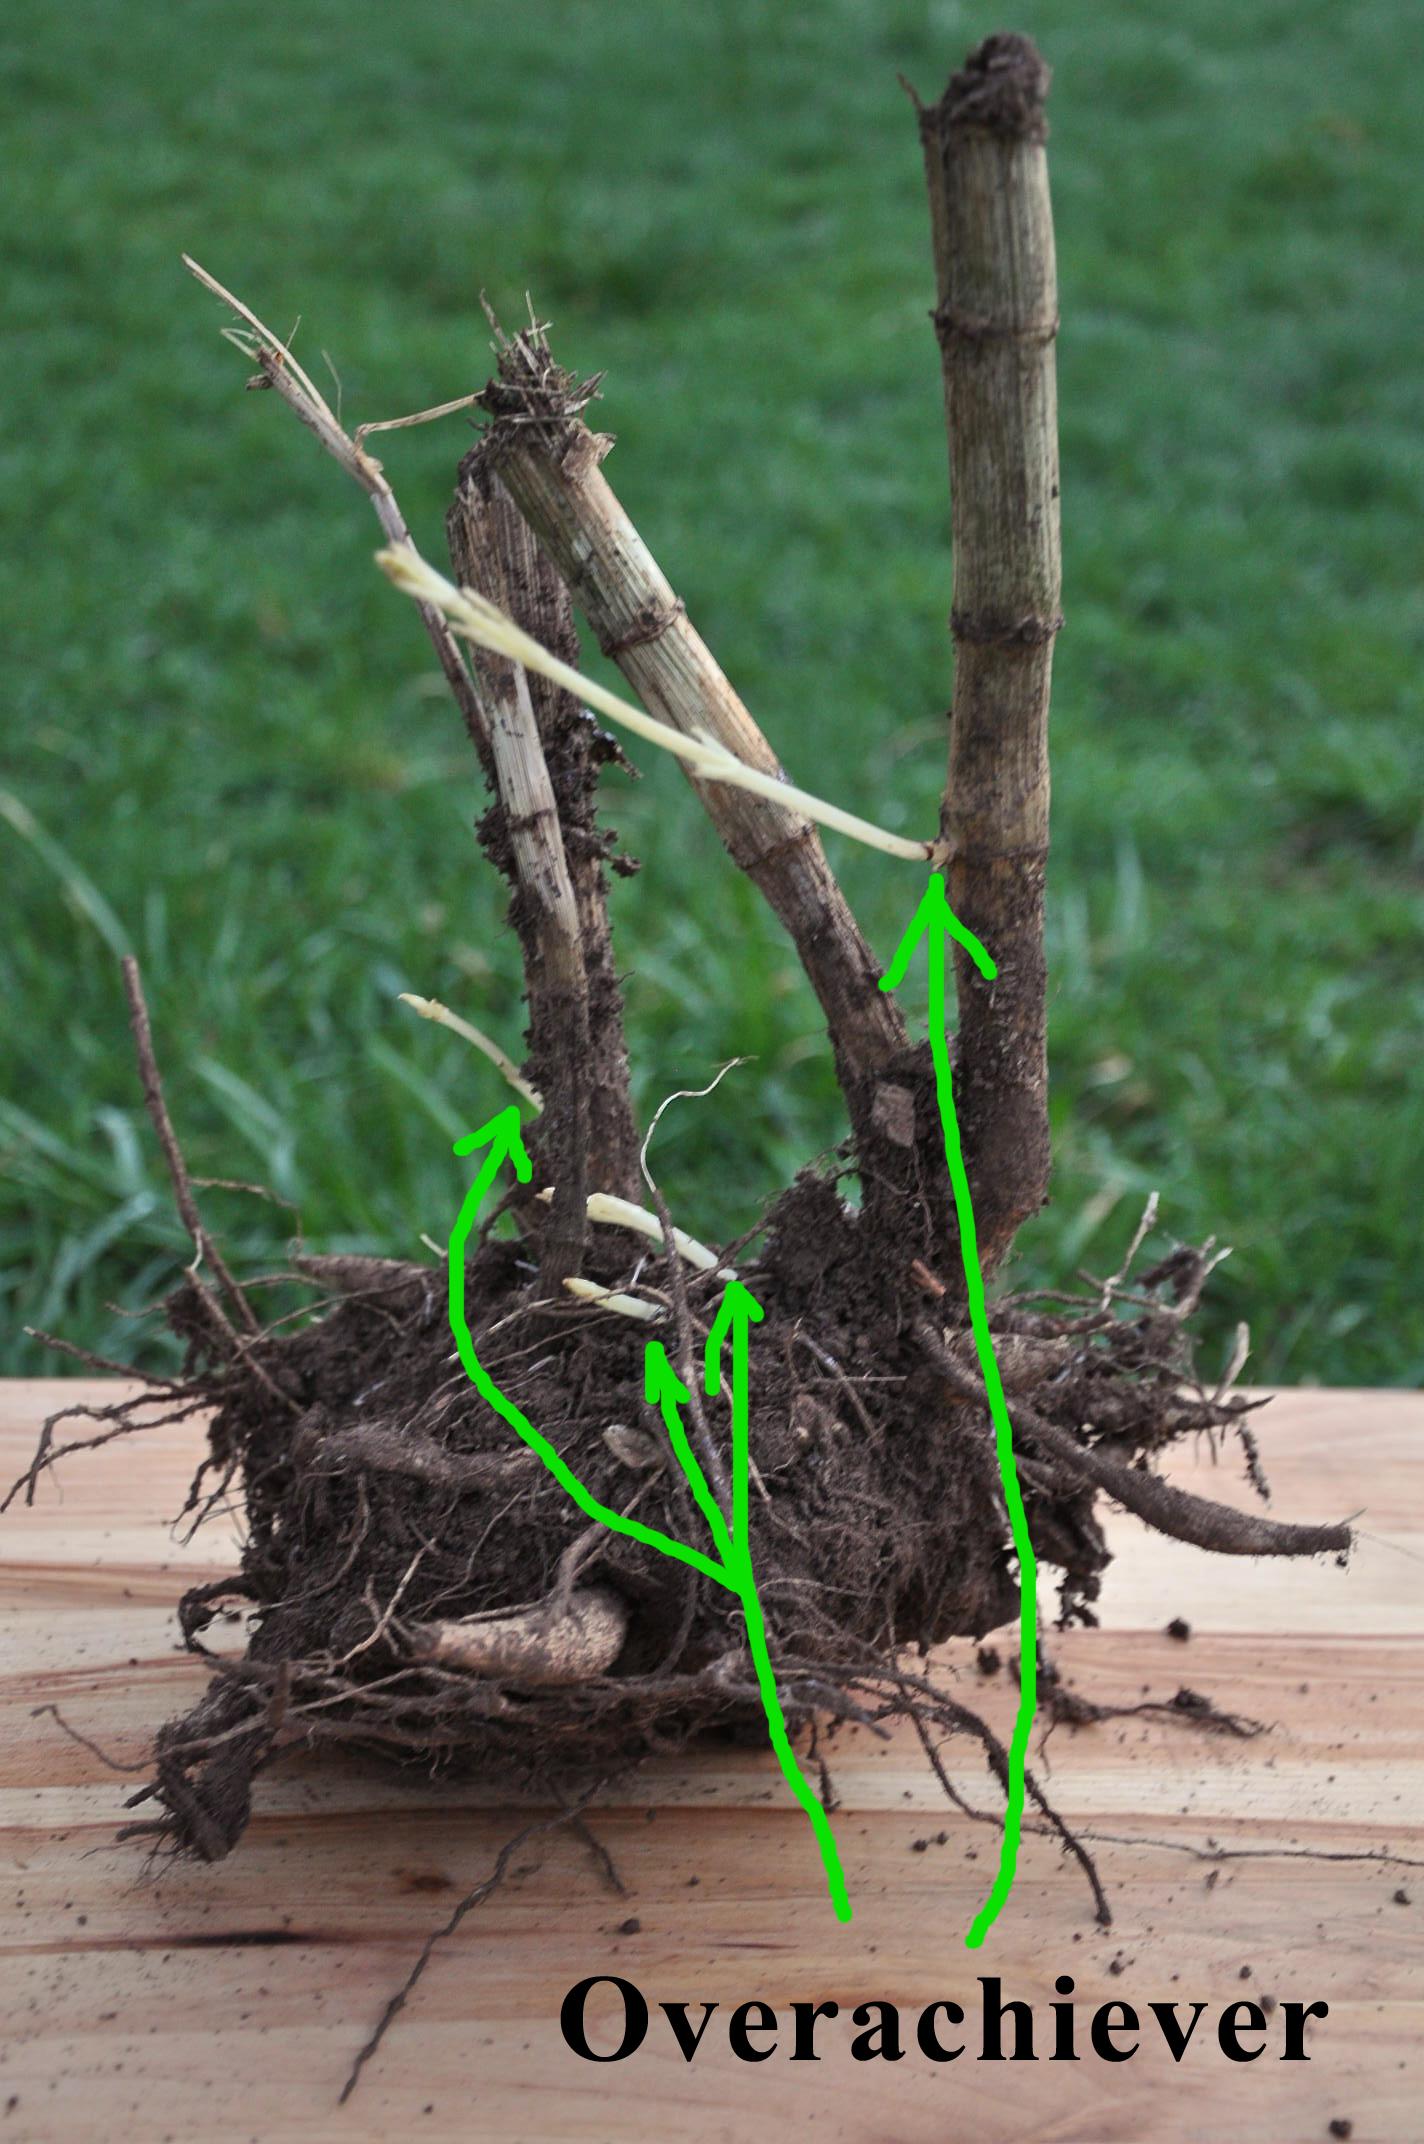 Overachiever dahlia tuber